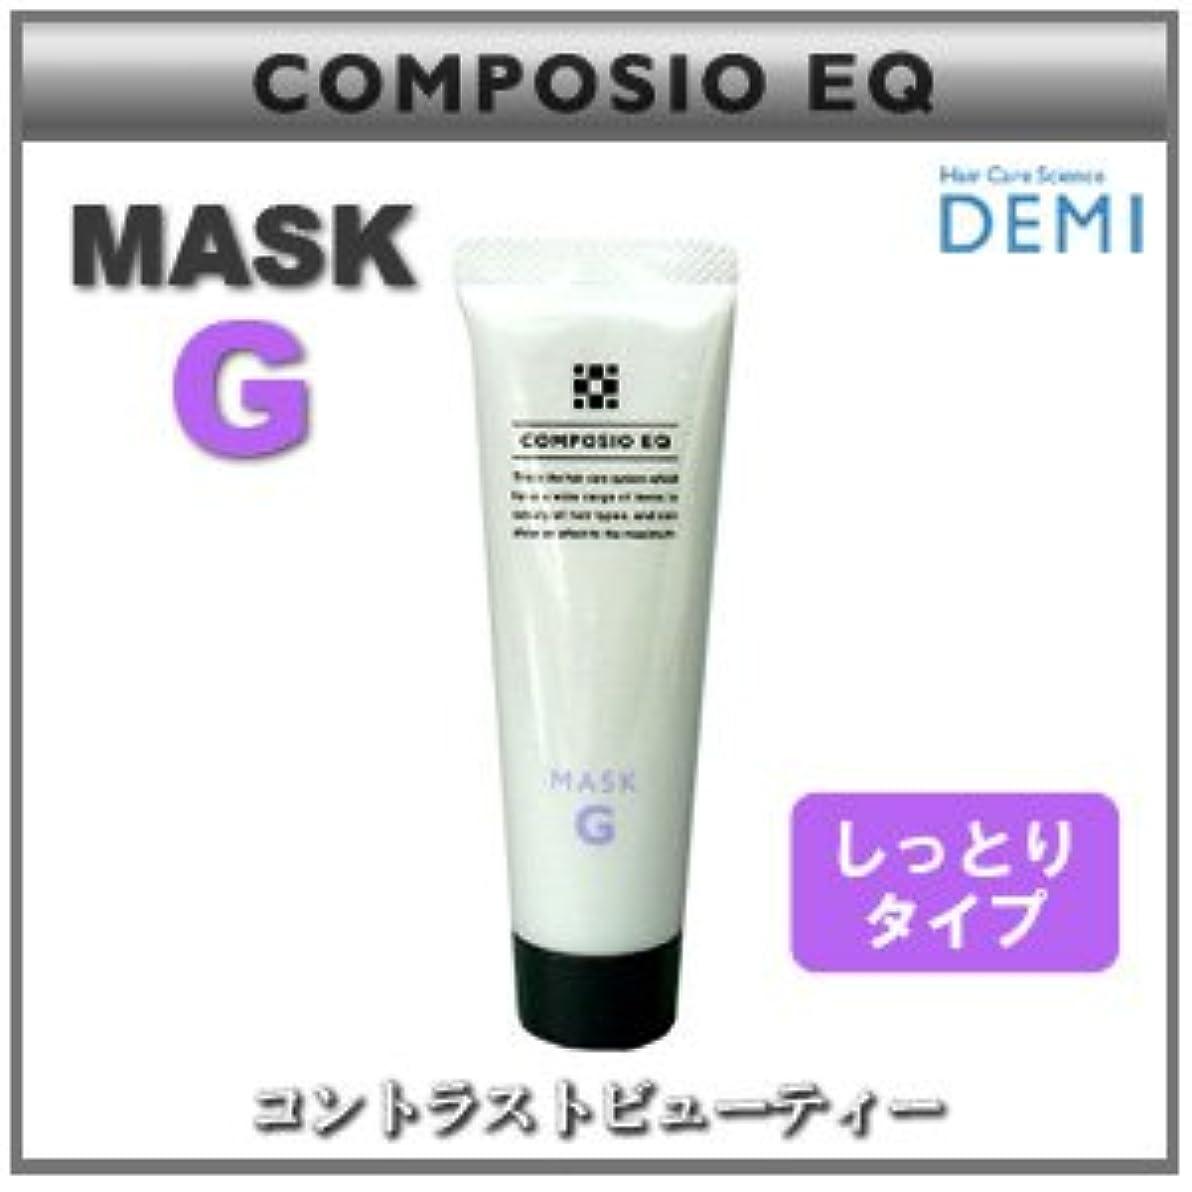 神社社交的モーテル【X2個セット】 デミ コンポジオ EQ マスク G 50g